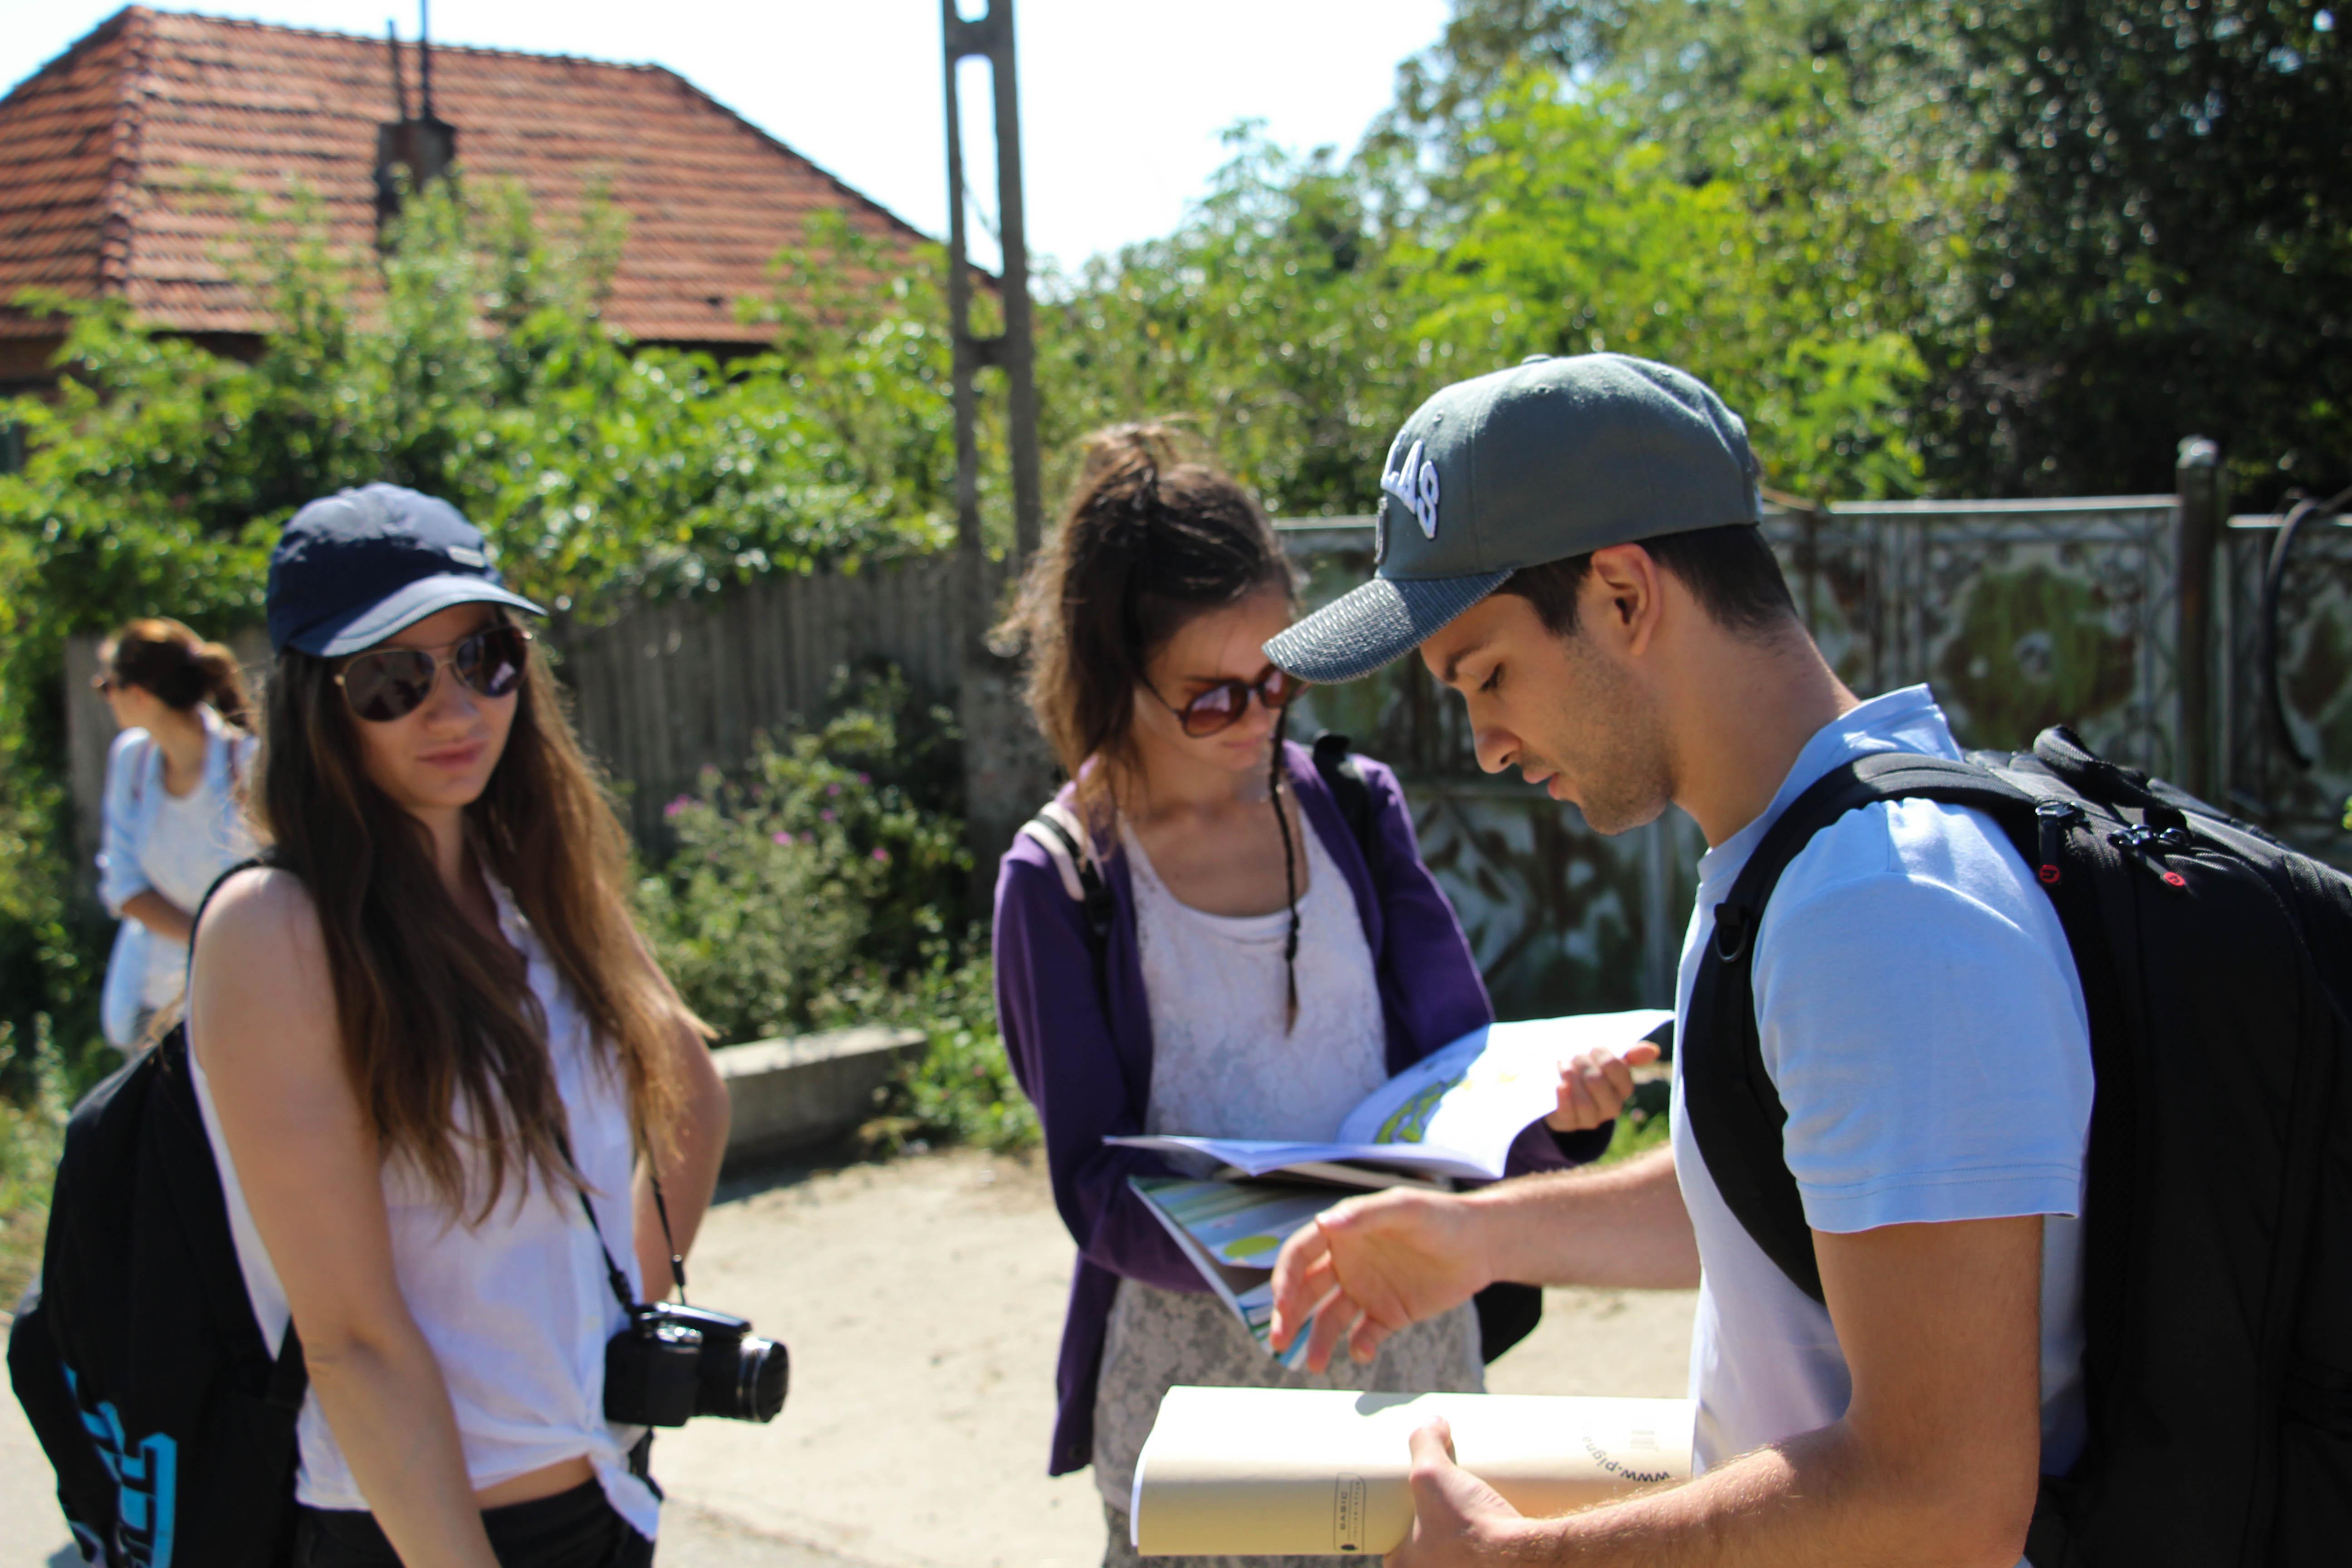 Studenții vor să revitalizeze arhitectura tradițională din Geoparcul Platoul Mehedinți